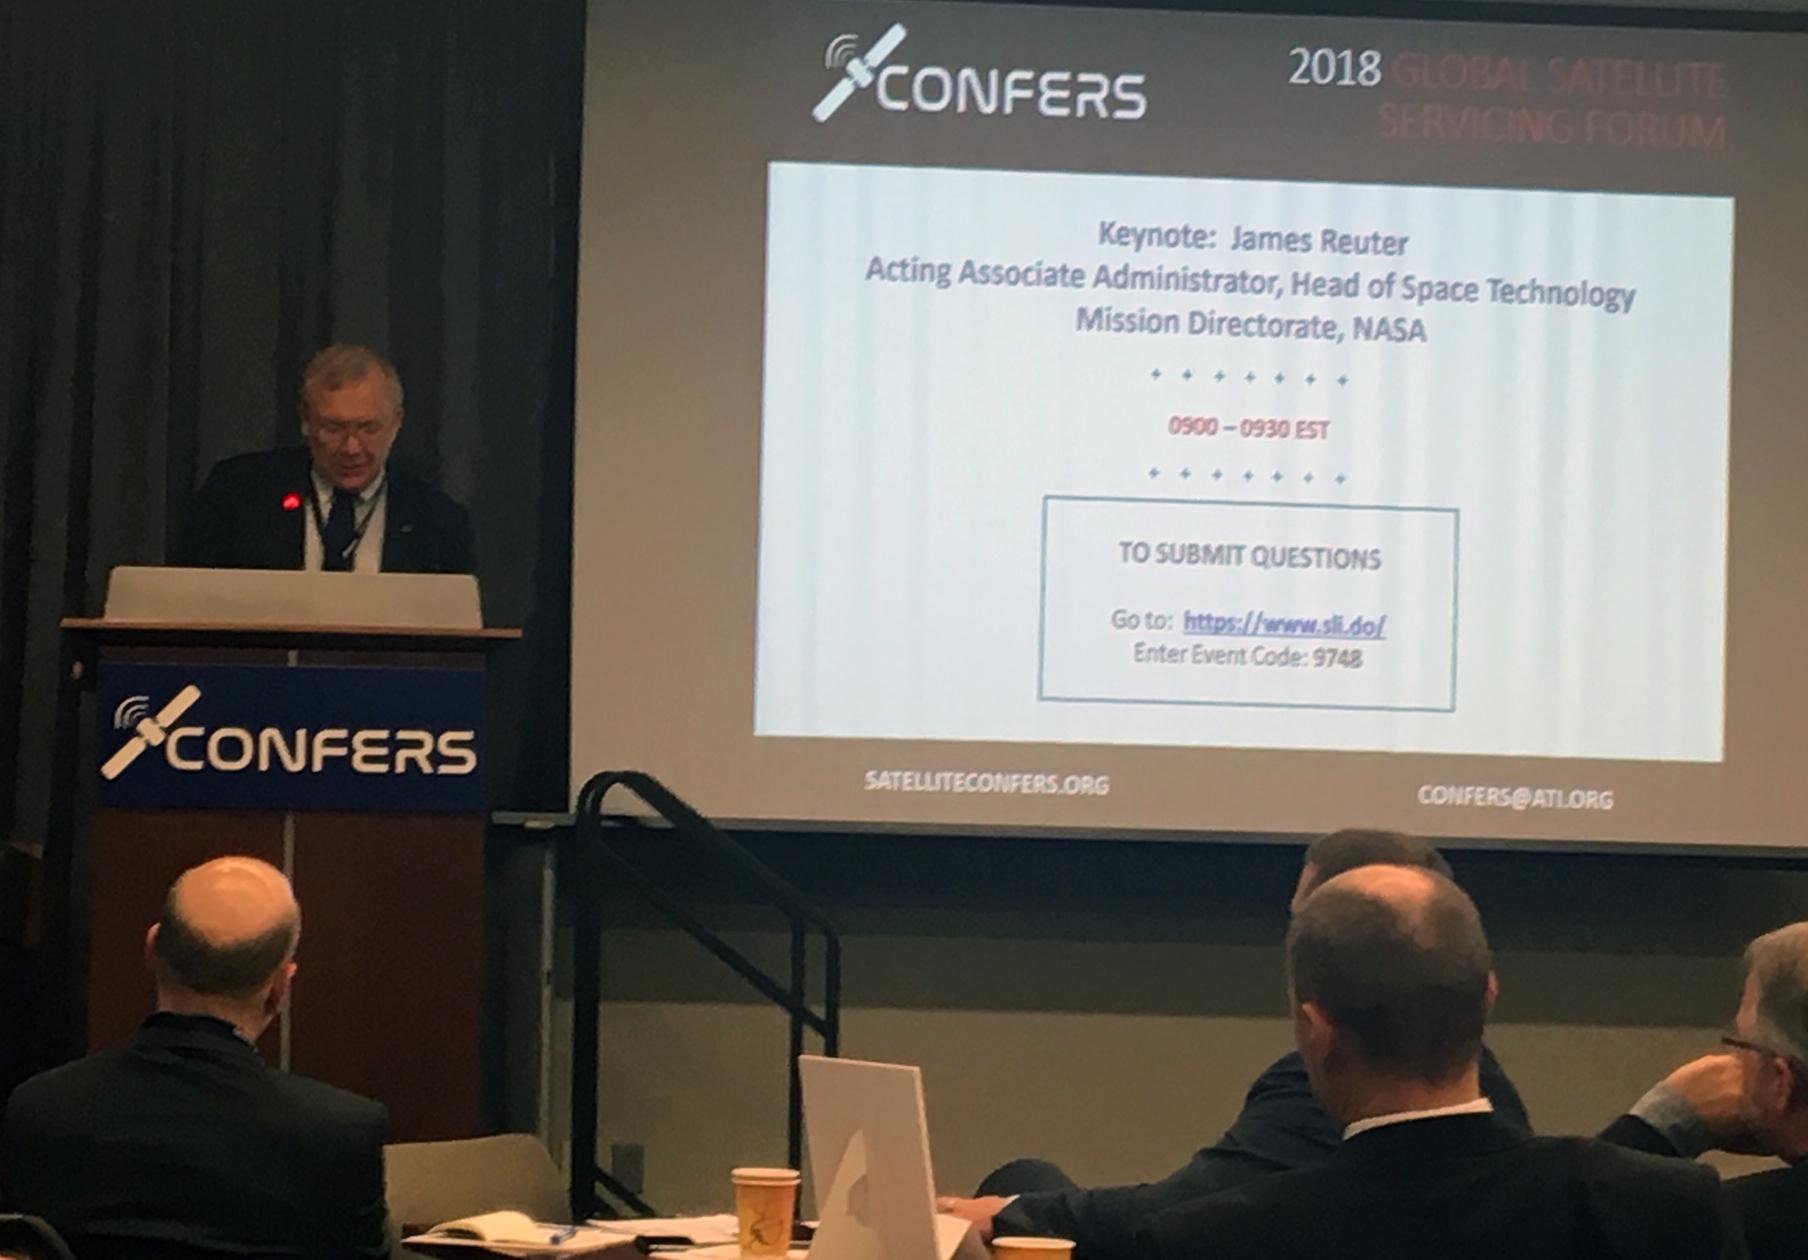 picture of speaker, James Reuter